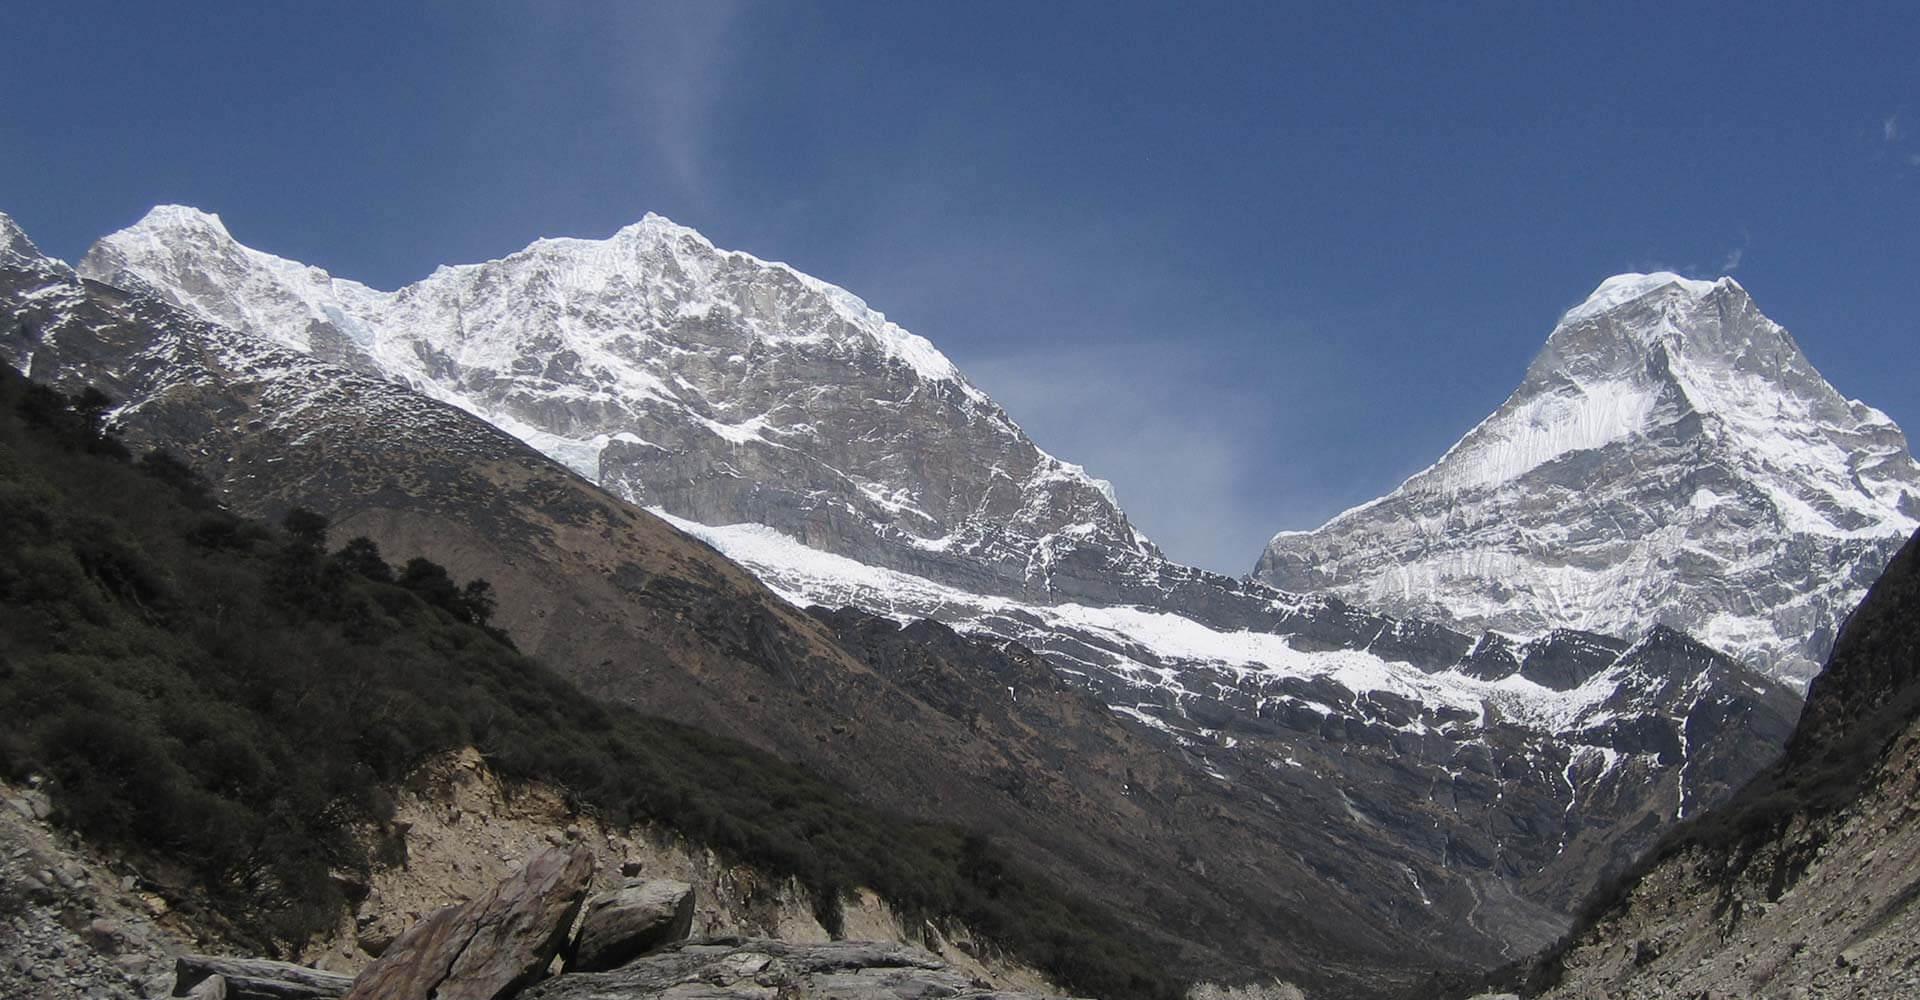 Mera and Island Peaks